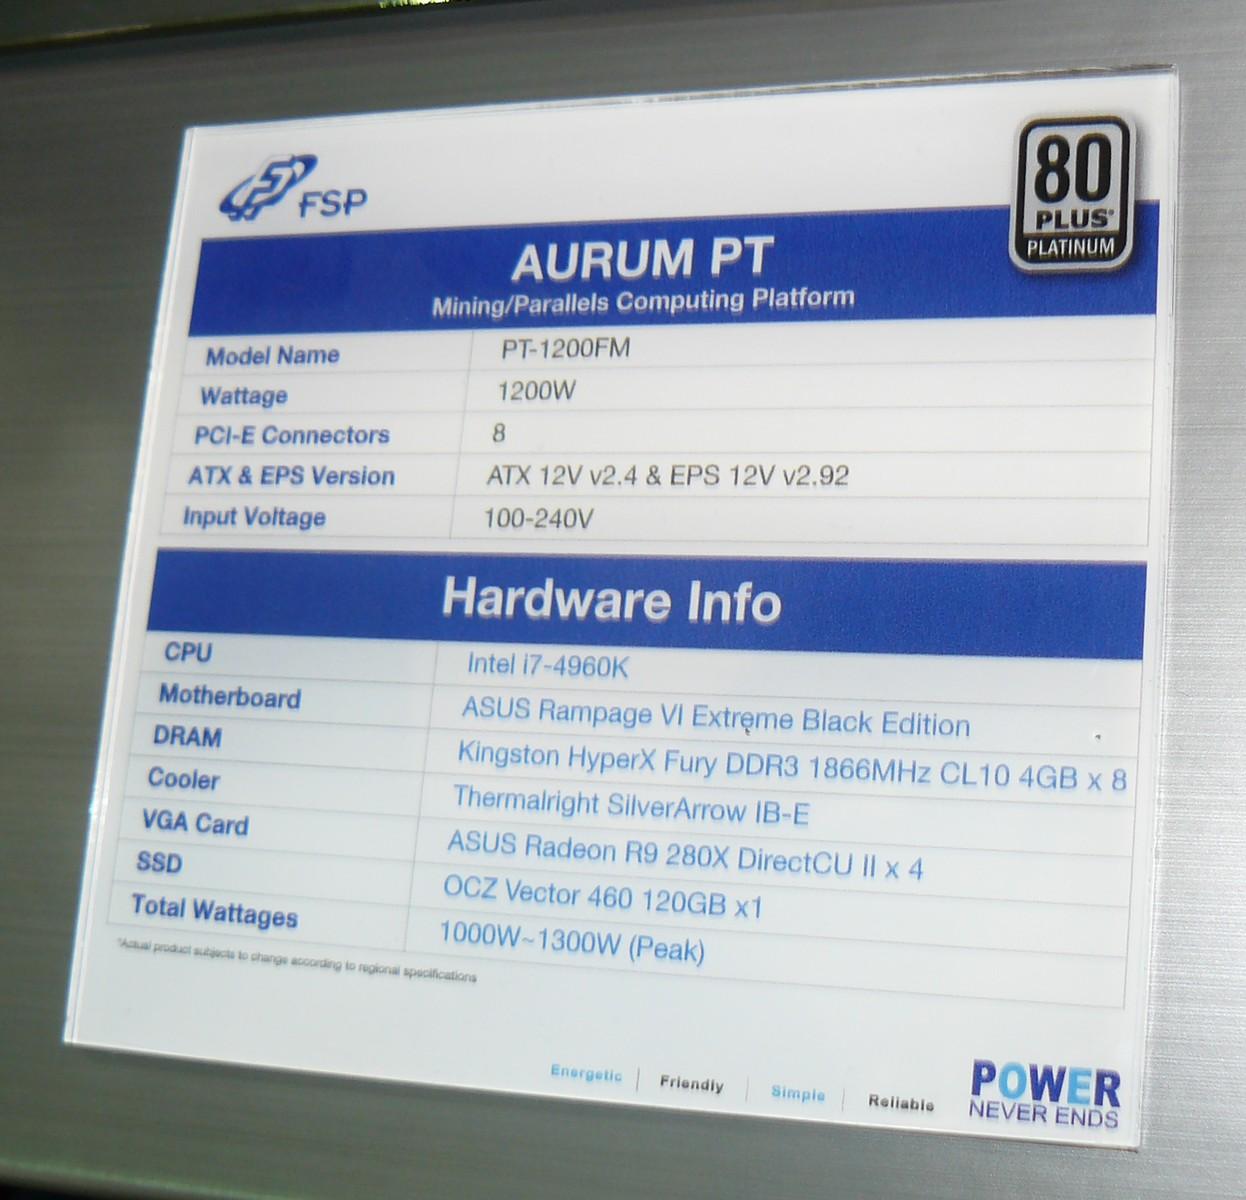 FSP Aurum PT